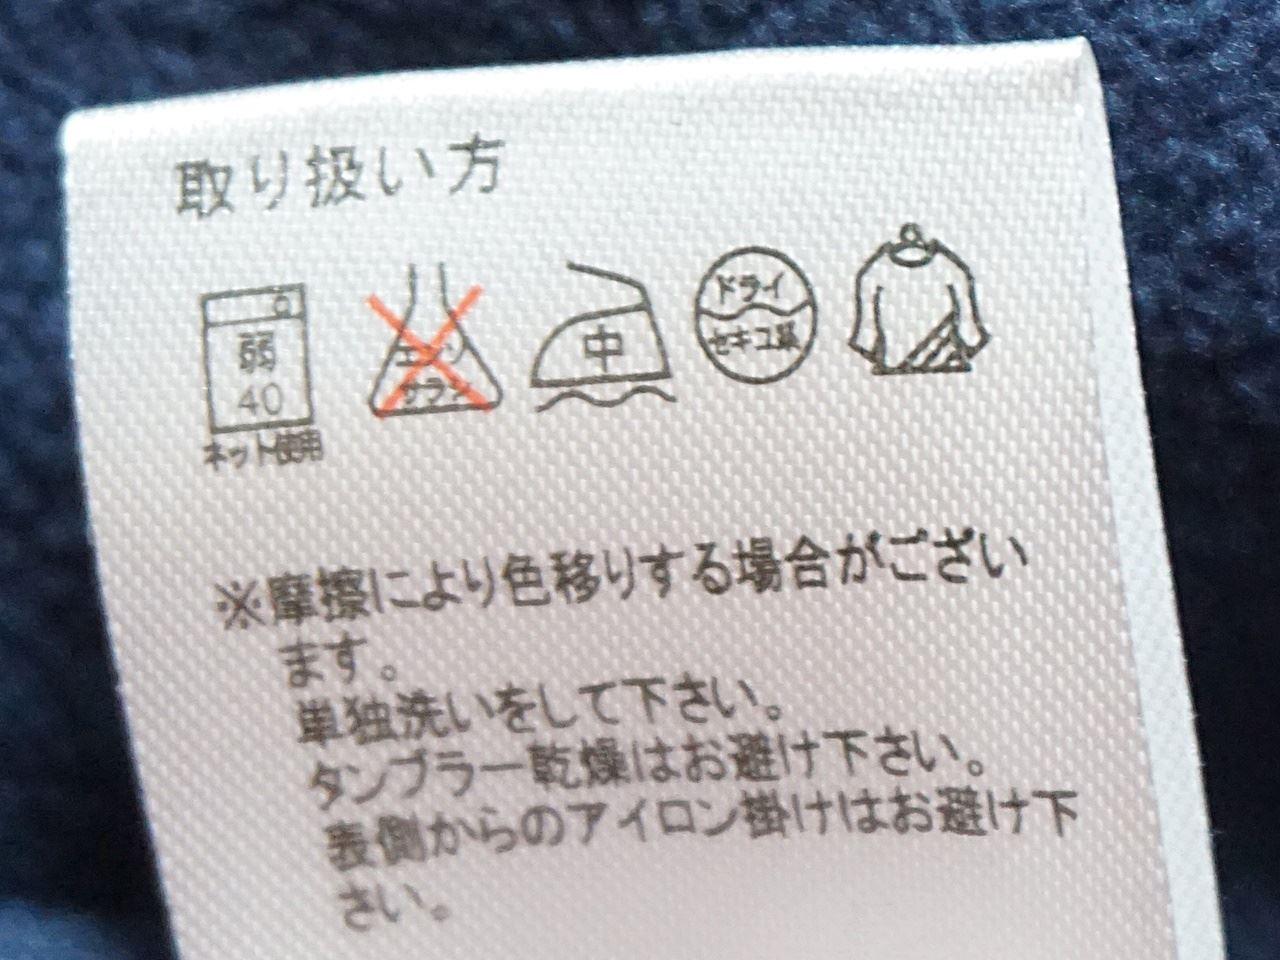 【ベルーナ】あったか裏フリースシャツ 洗濯表示